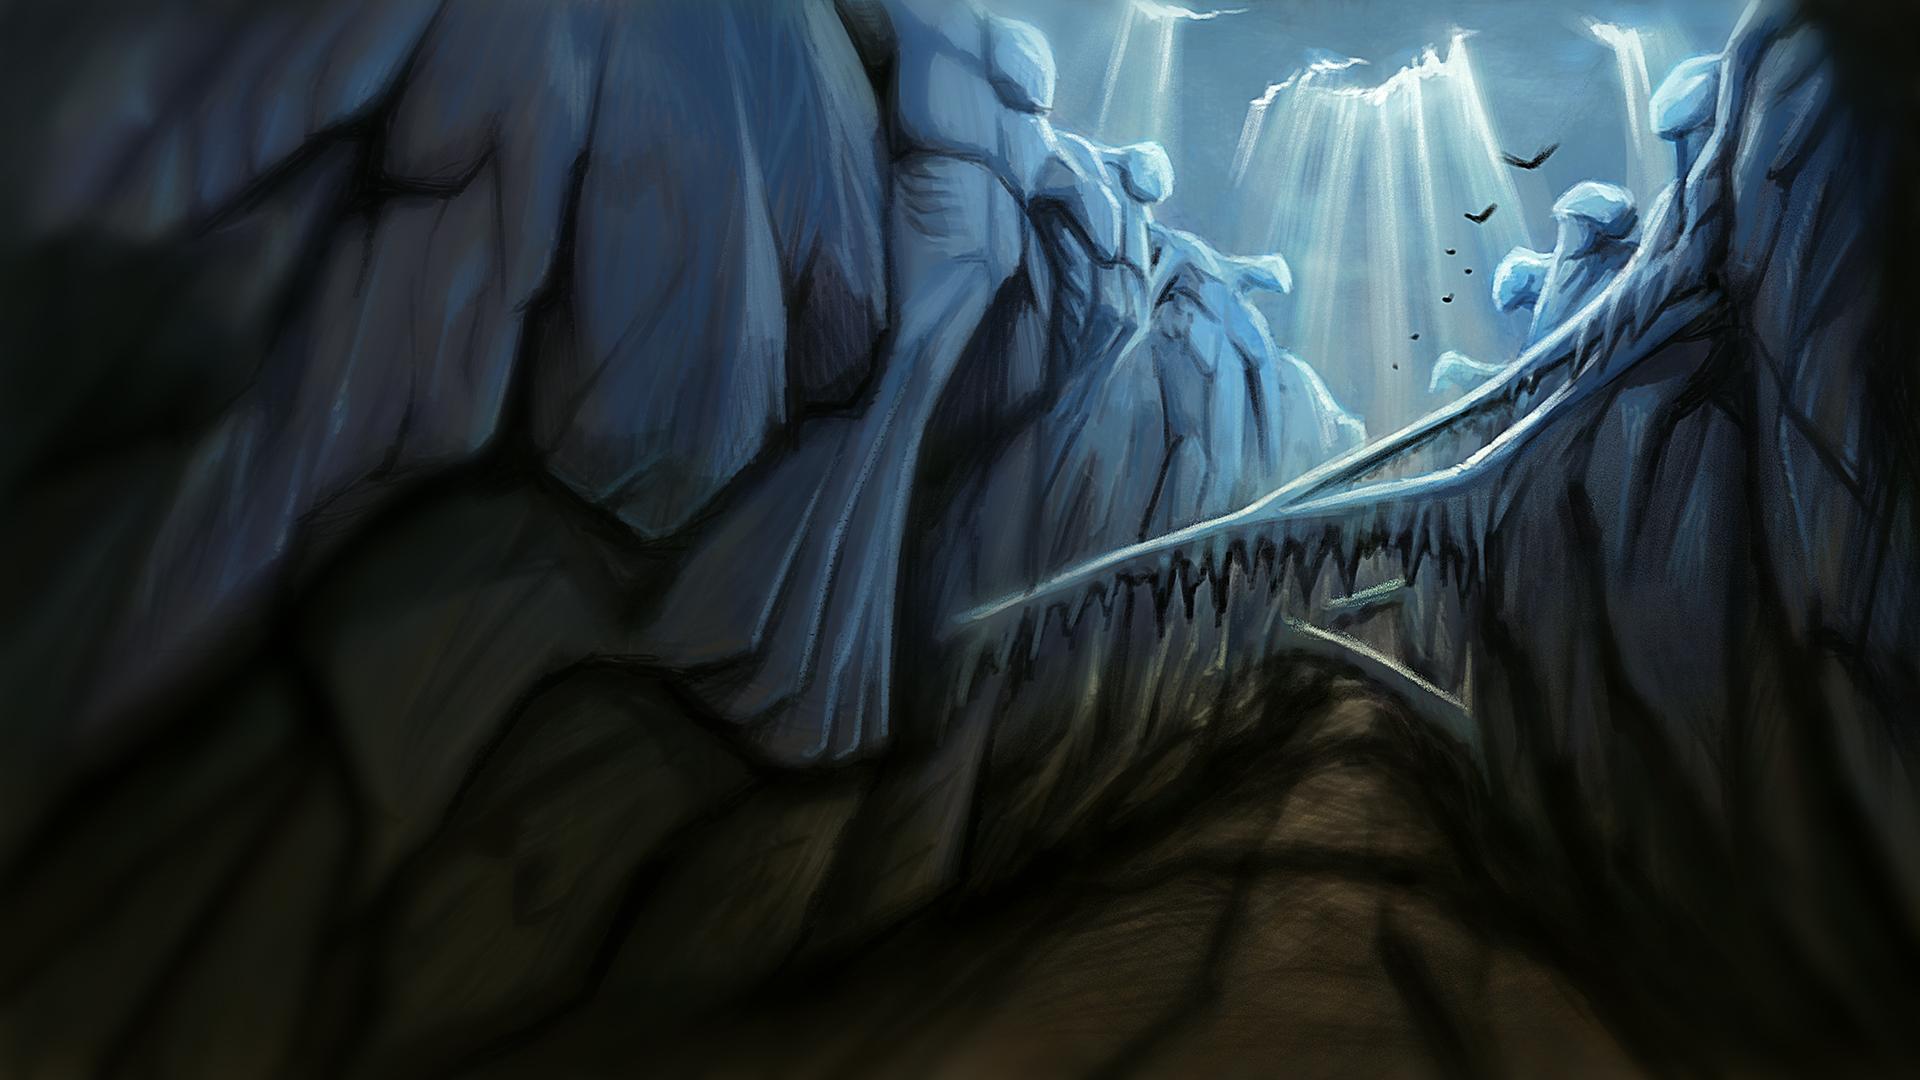 Concept art - Jötunheimr canyon